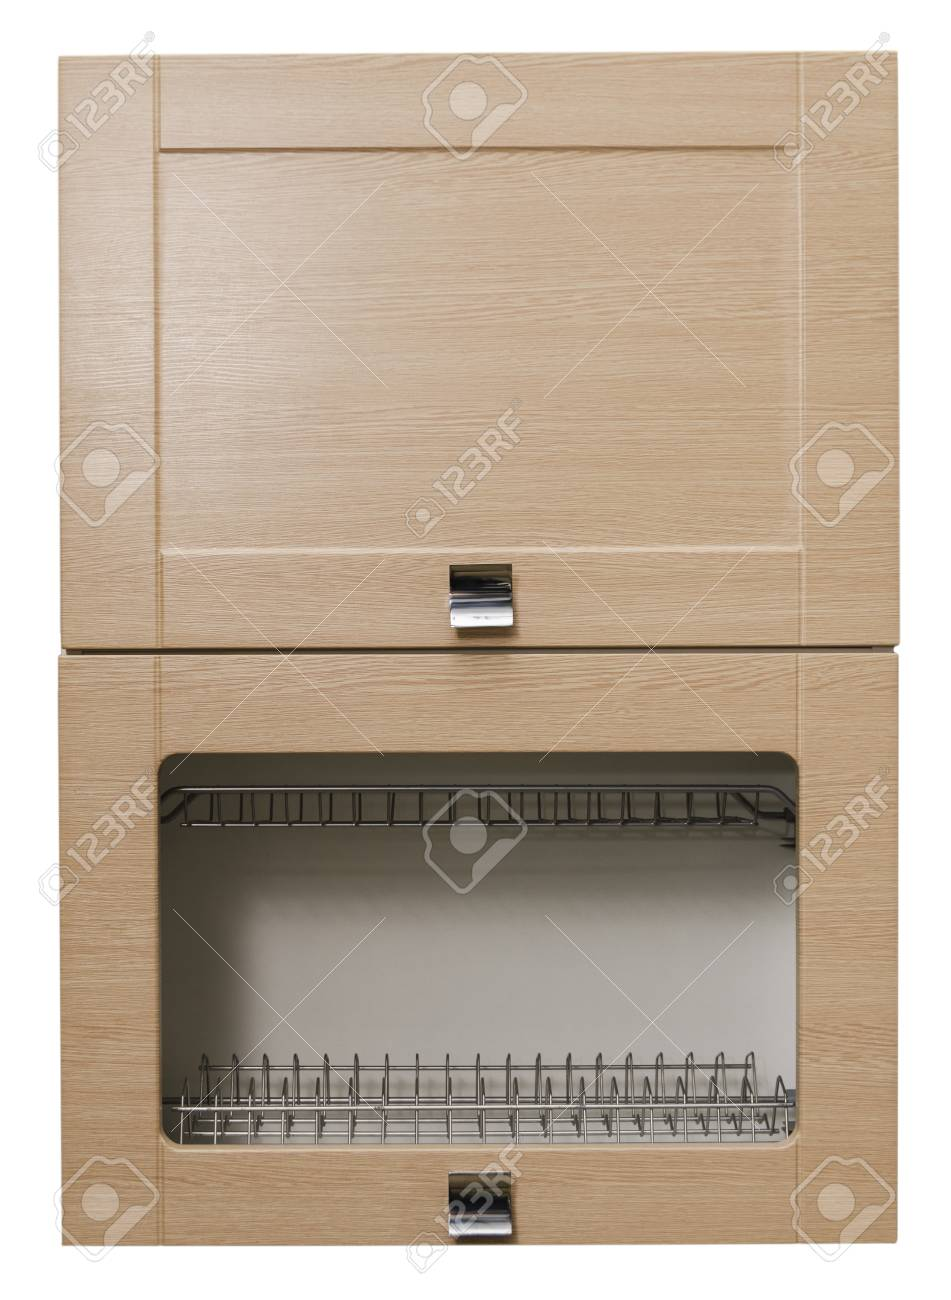 Módulo De Mueble Armario De La Cocina En Un Fondo Blanco Aislado